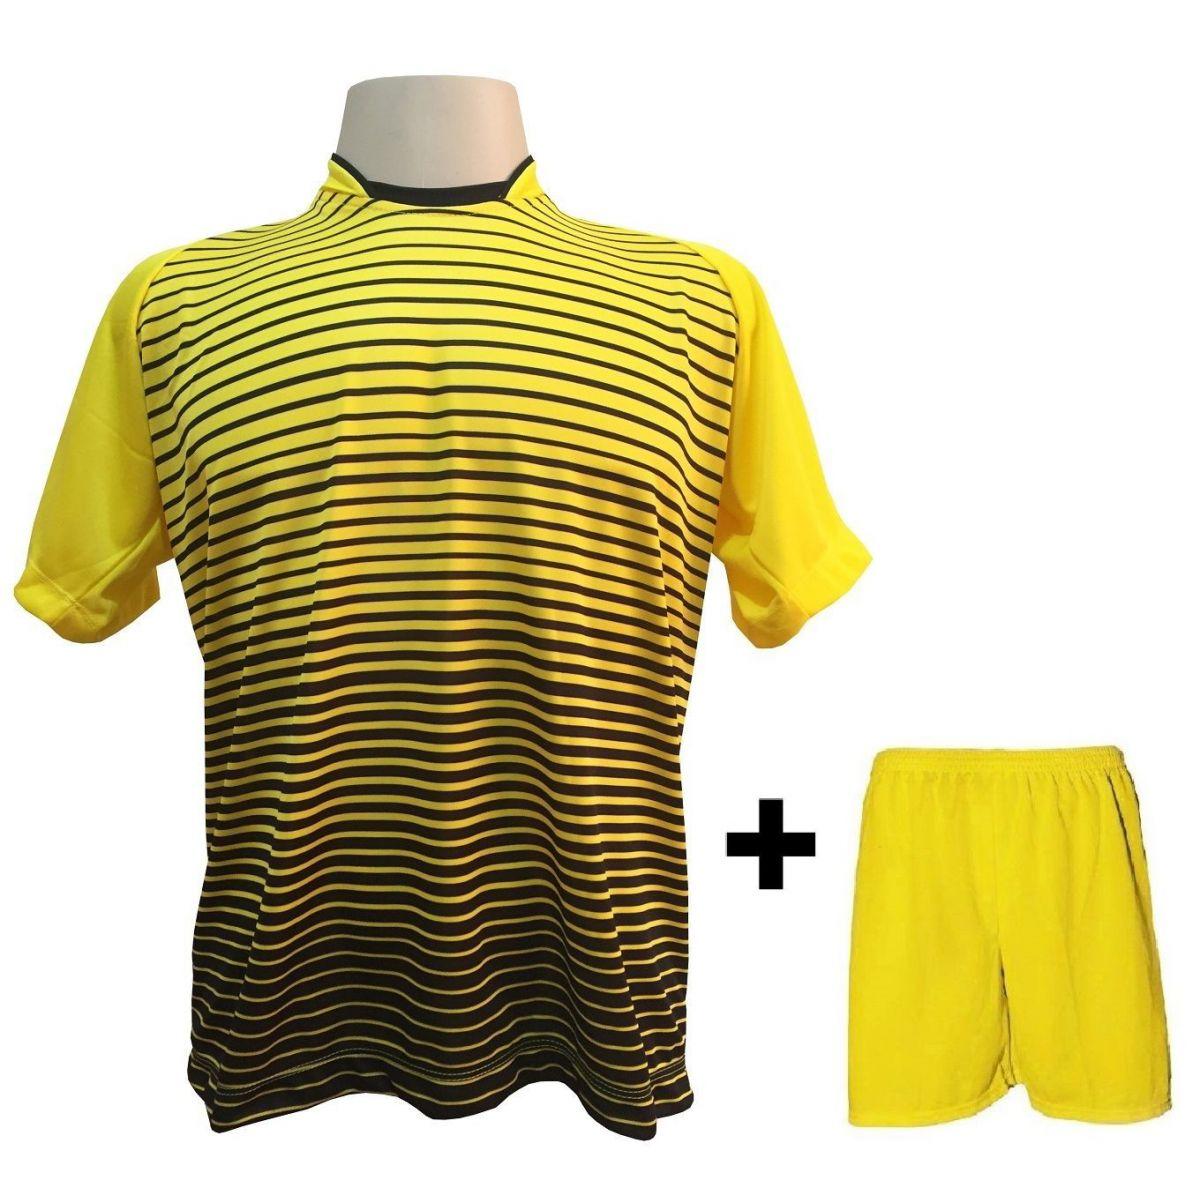 194127f32af55 Uniforme Esportivo com 18 Camisas modelo City Amarelo Preto + 18 Calções  modelo Madrid Amarelo ...